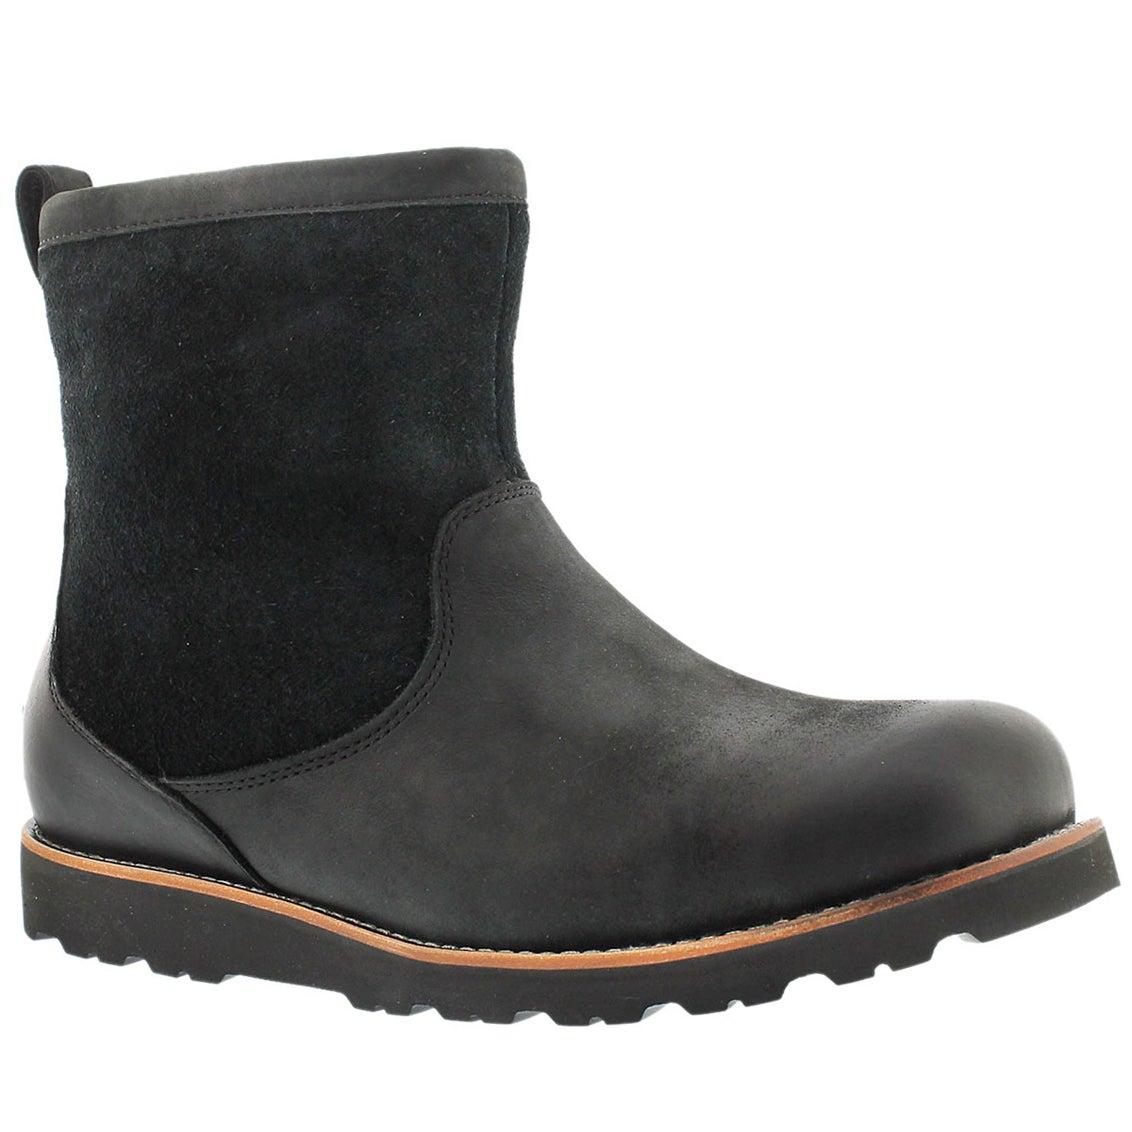 Men's HENDREN TL blk waterproof casual boots